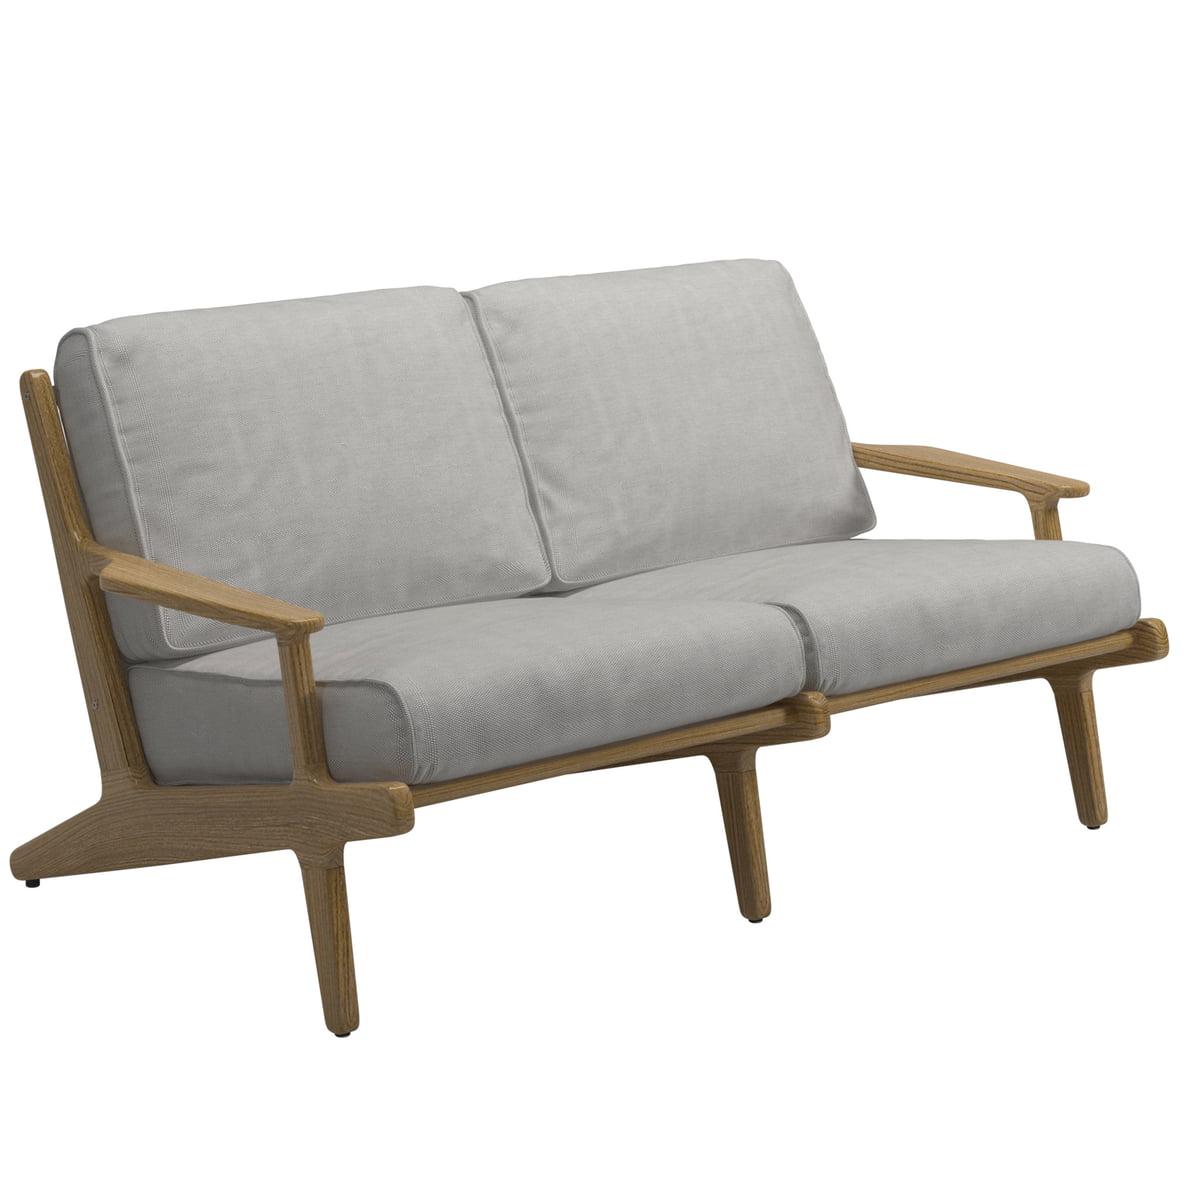 Gloster - Bay Lounge 2-Sitzer Sofa, Teak / seagull | Wohnzimmer | Braungrau | Gloster